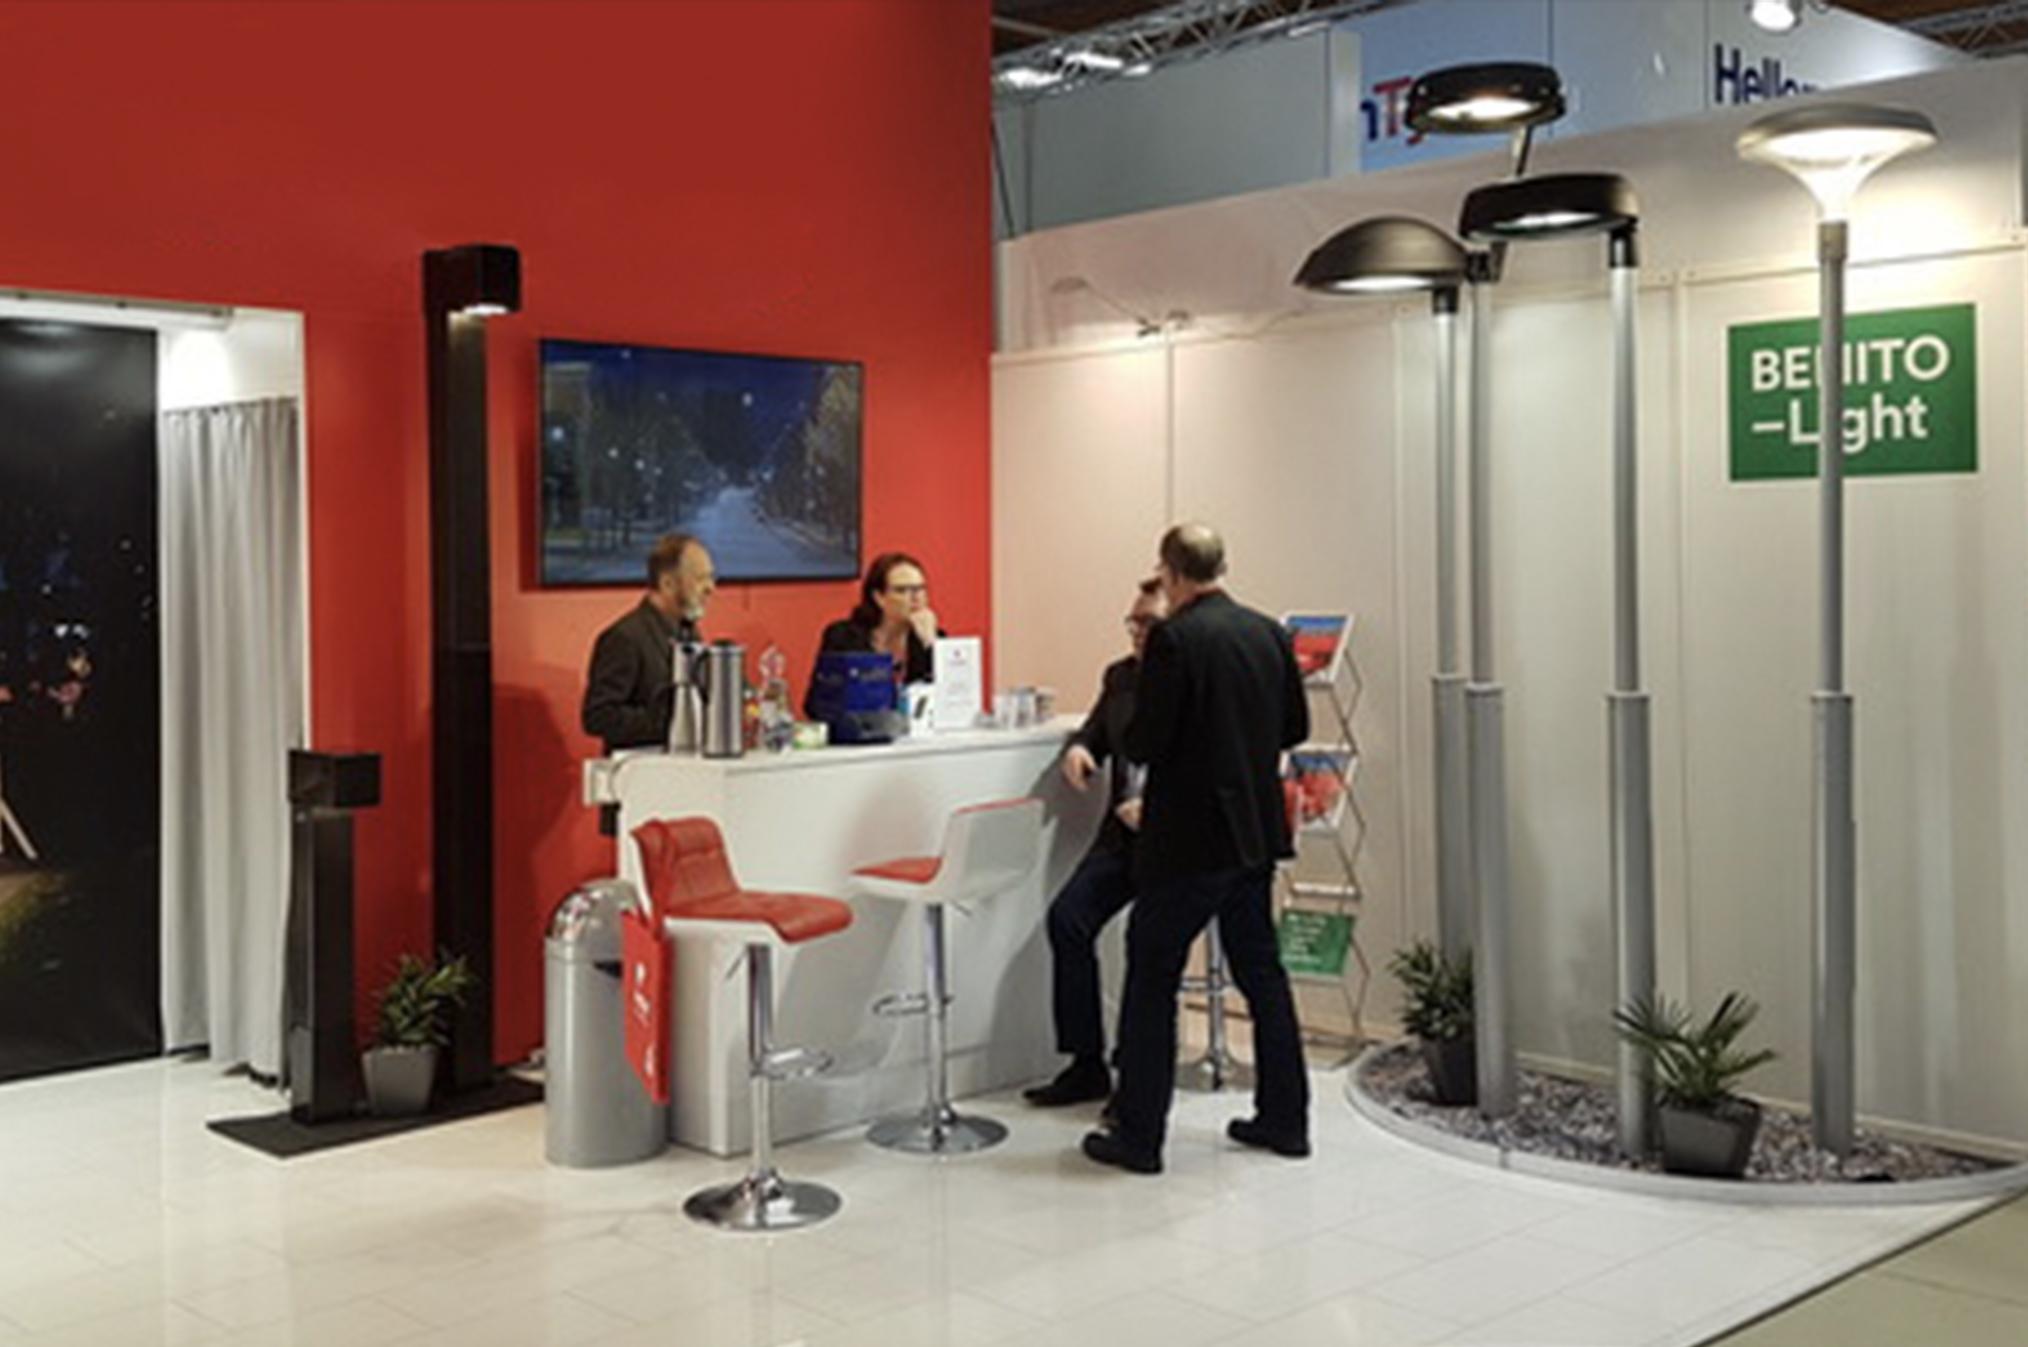 Reggio calabria nuovo piano per l illuminazione pubblica